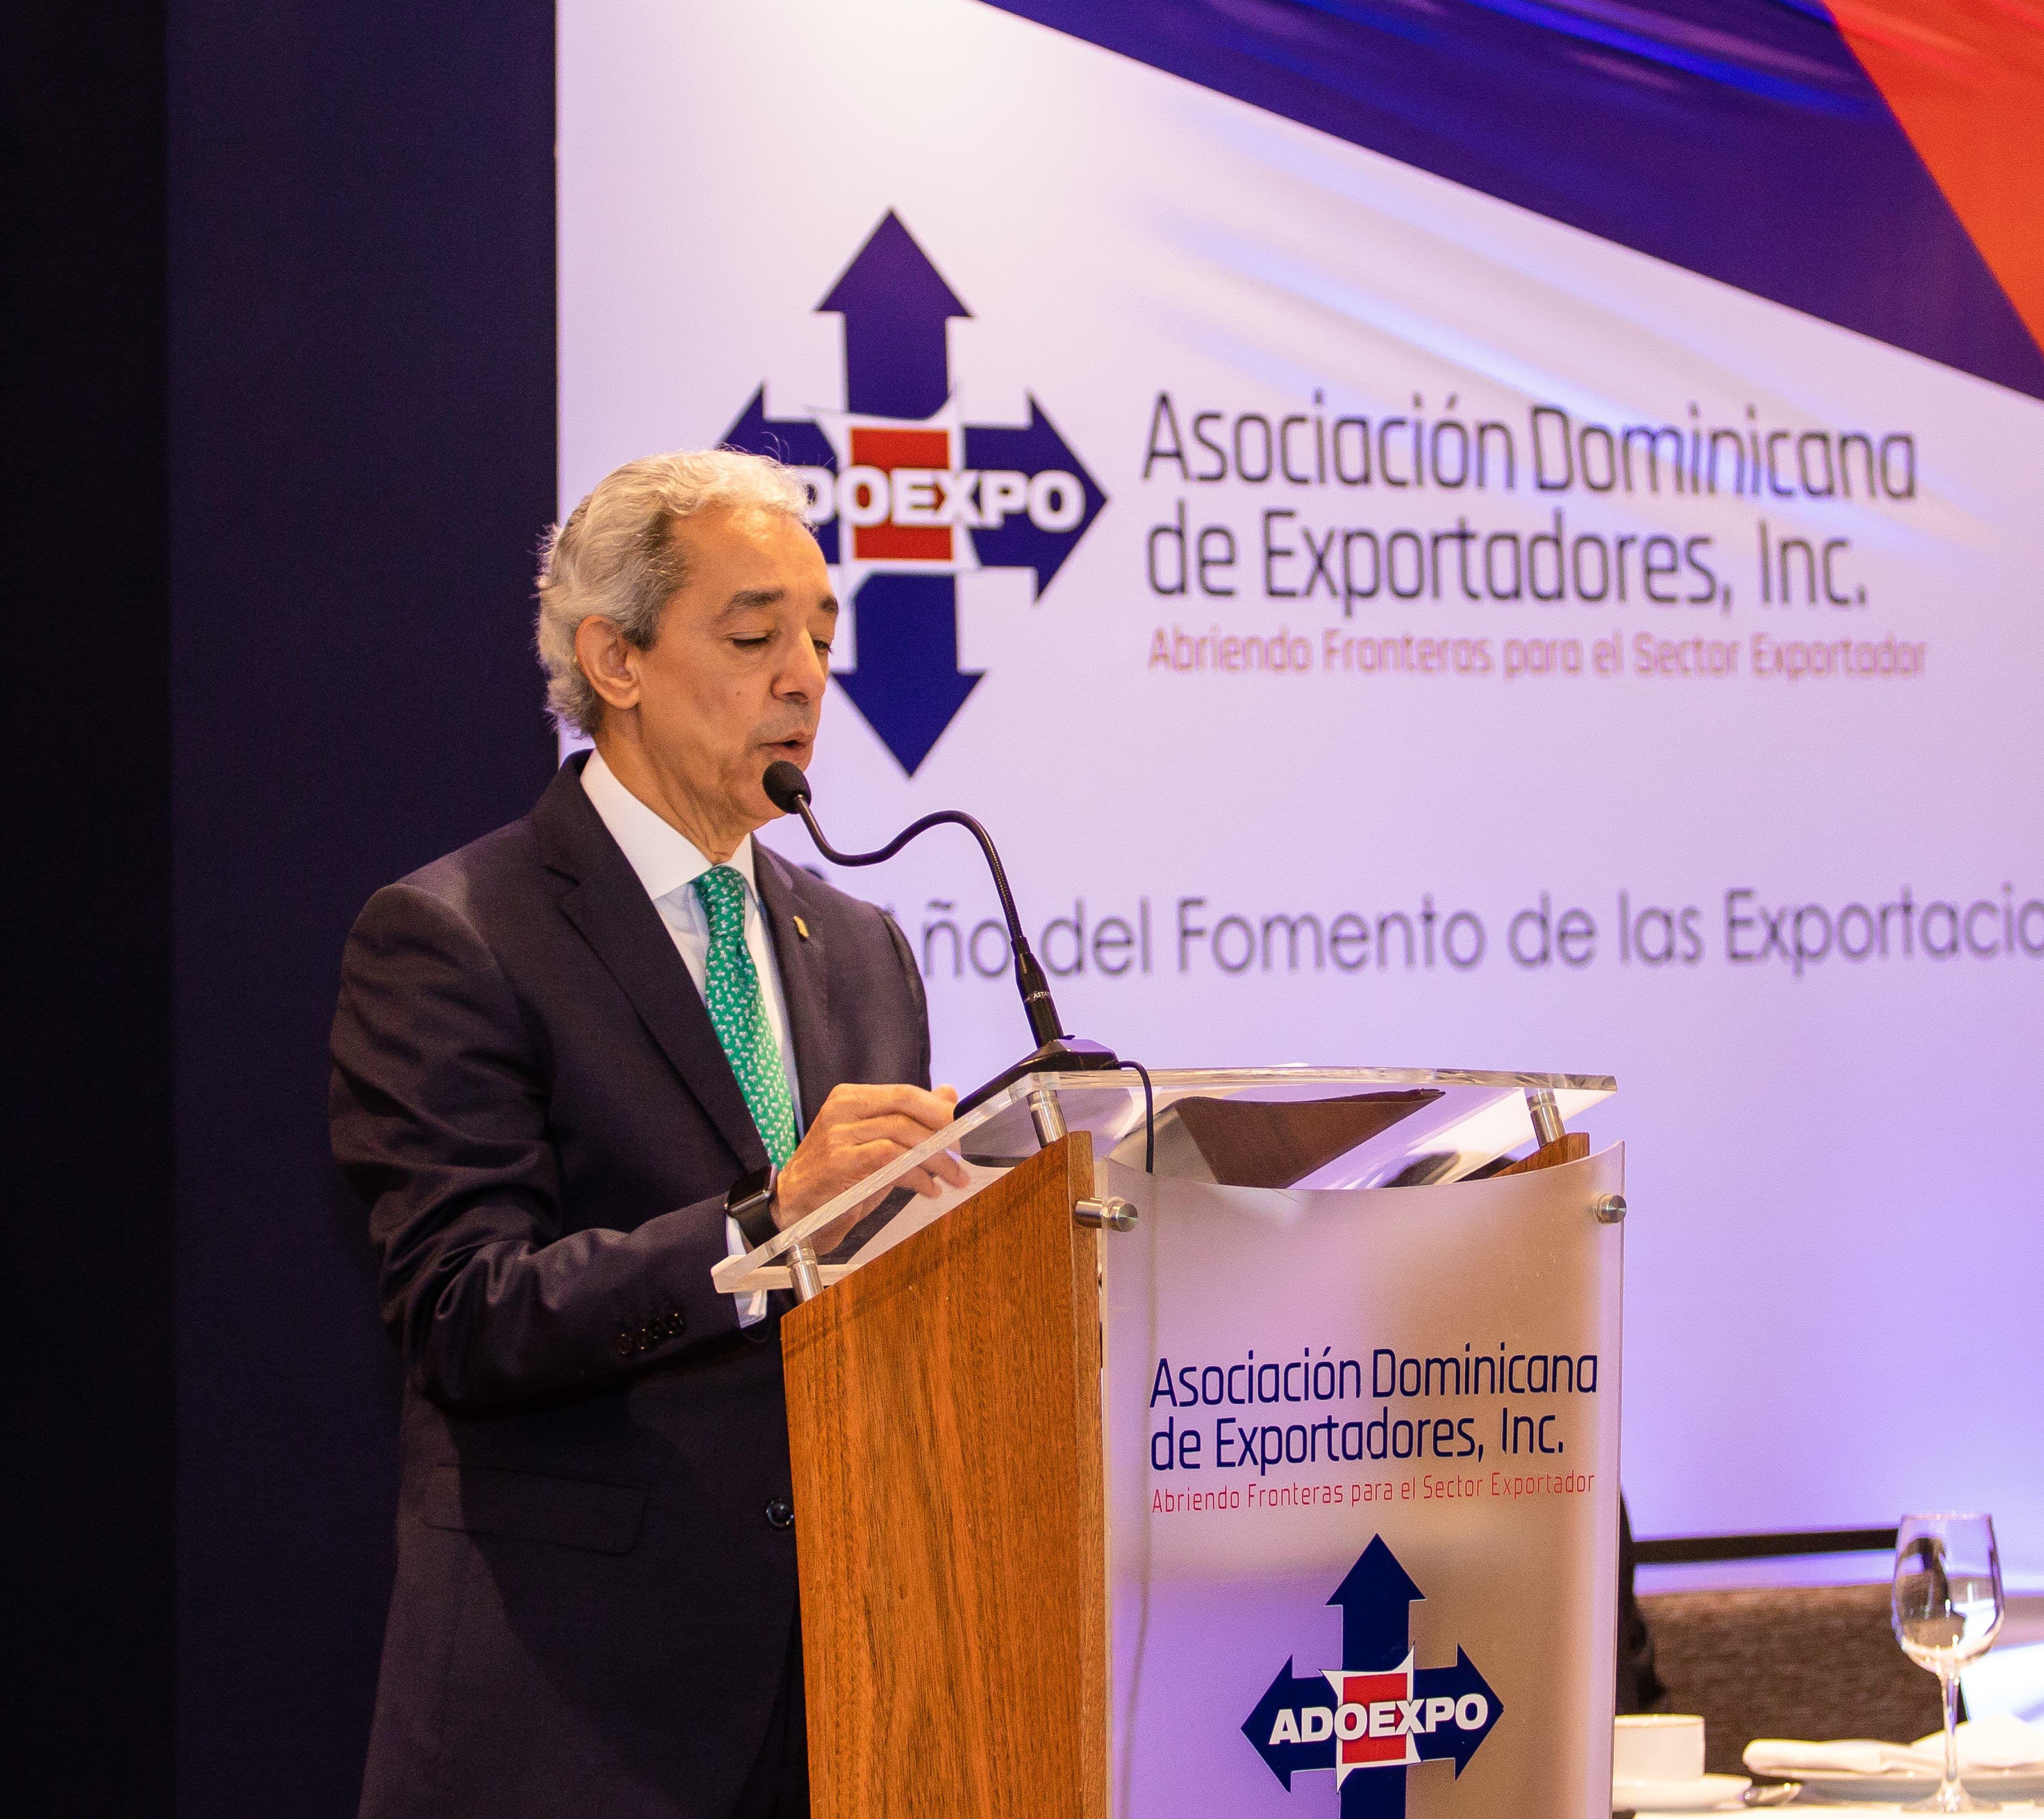 <p><strong>ADOEXPO:</strong></p>  <p><em>Sector exportador pieza&nbsp;fundamental del desarrollo econ&oacute;mico y social</em></p>